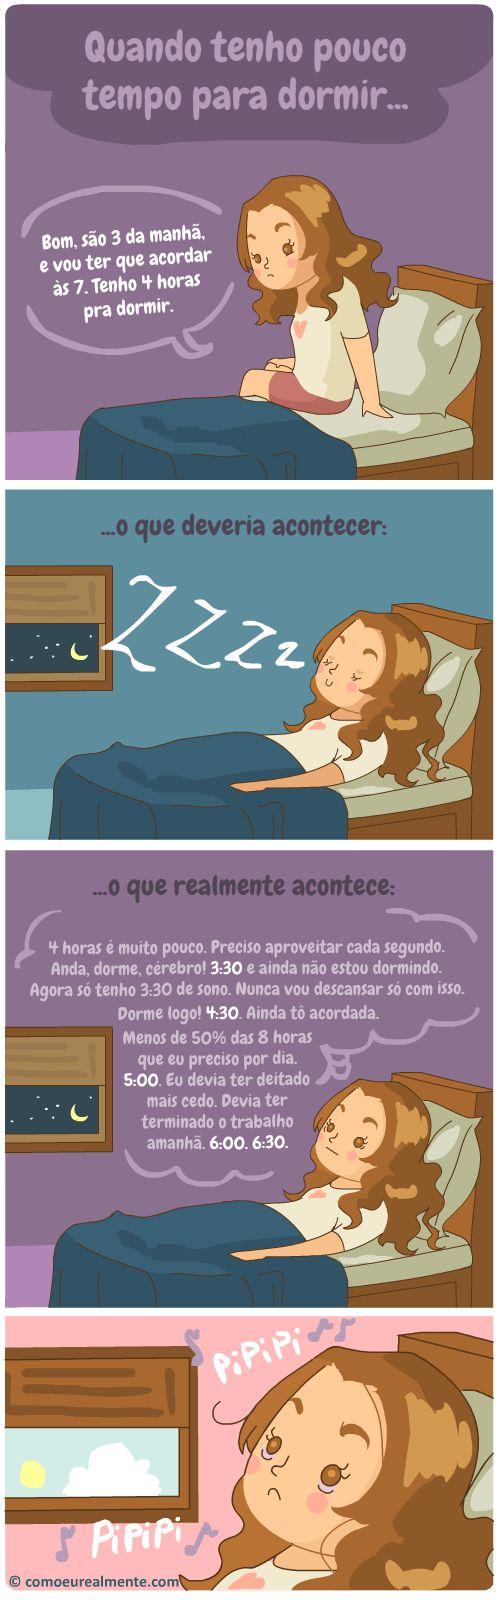 Sempre que tenho pouco tempo para dormir, fico tão aficcionada em aproveitar cada segundo que acabo não dormindo é nada